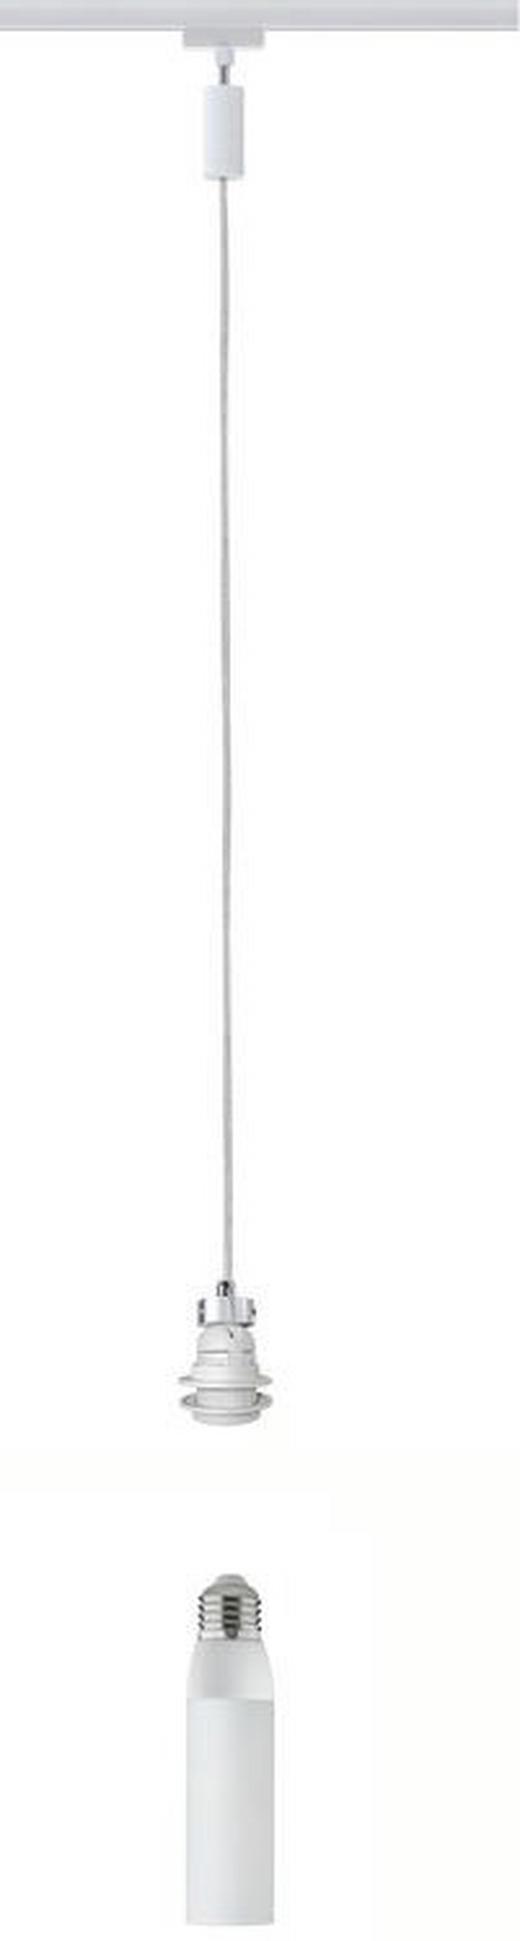 URAIL SCHIENENS.-HÄNGELEUCHTE - Weiß, Design, Metall (165cm) - Paulmann